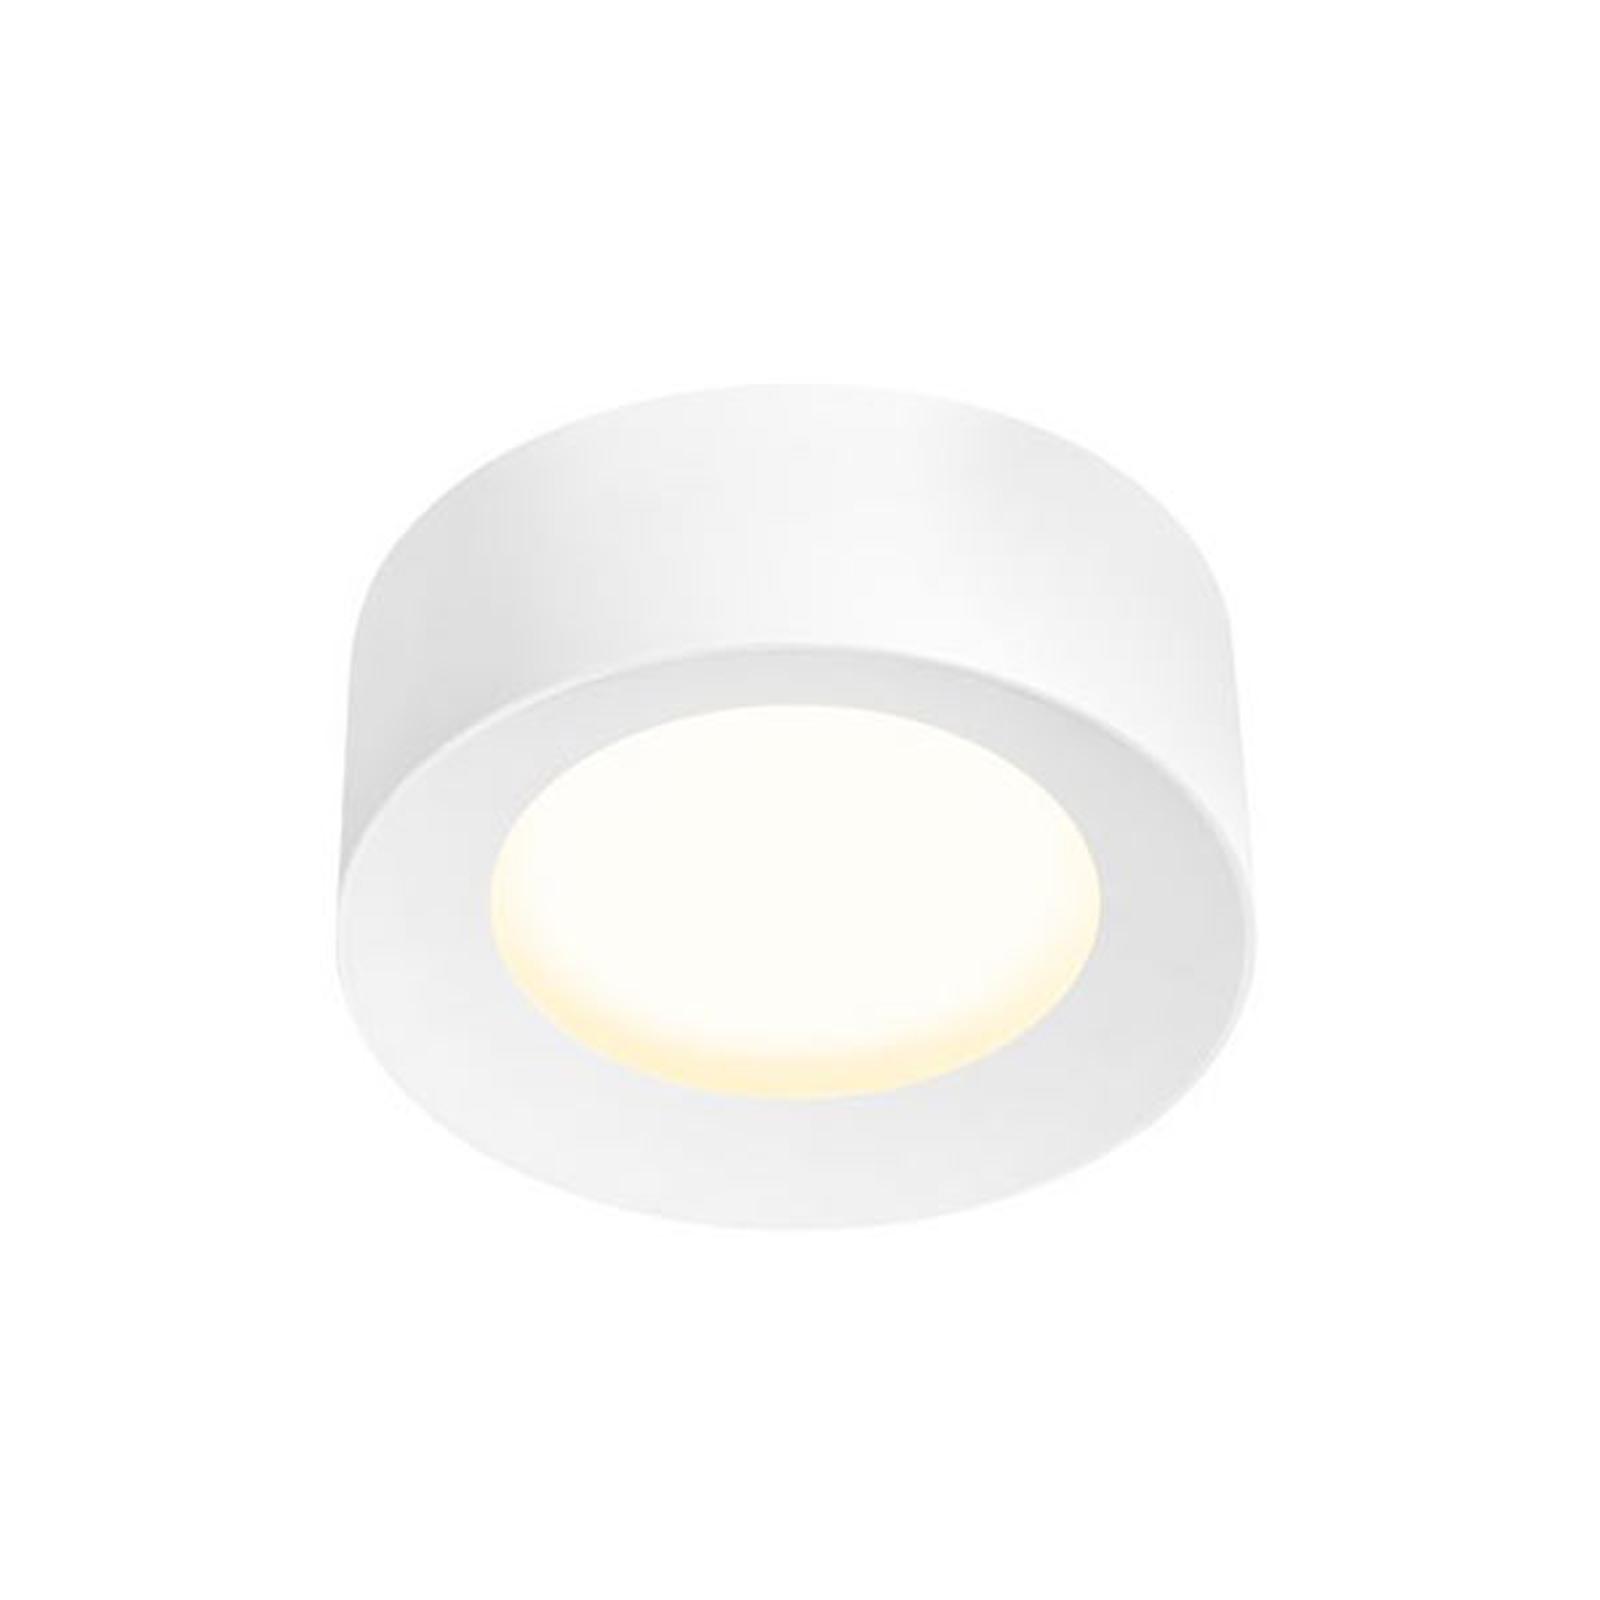 SLV Fera LED-Deckenleuchte, Ø 20 cm, weiß matt